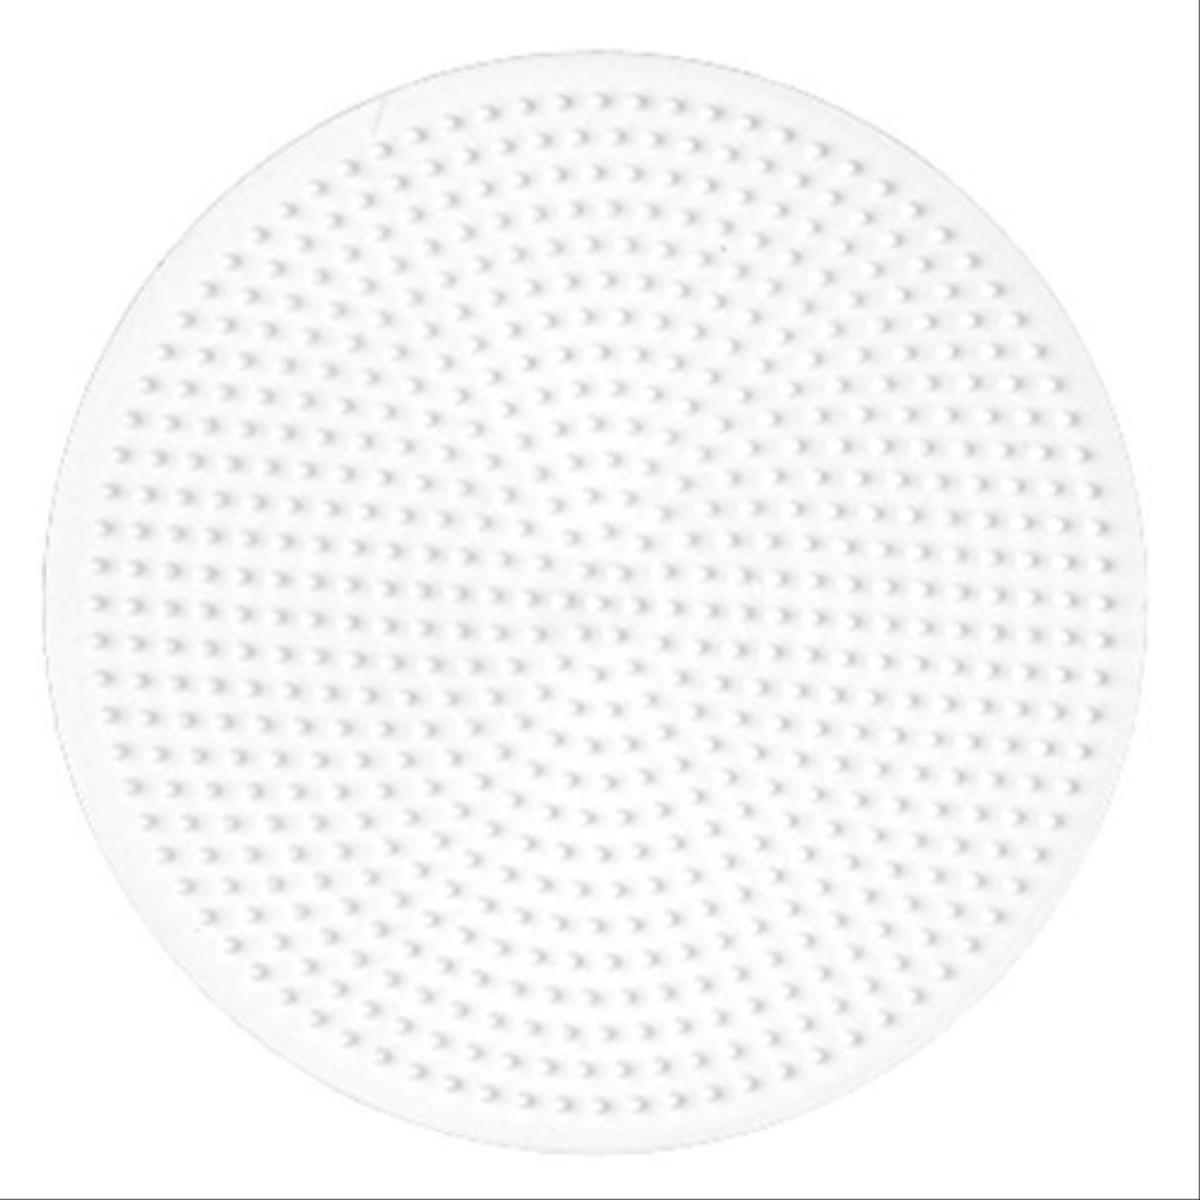 Hama 221 - Steckplatte großer Kreis, rund, 15 cm - zum Schließen ins Bild klicken